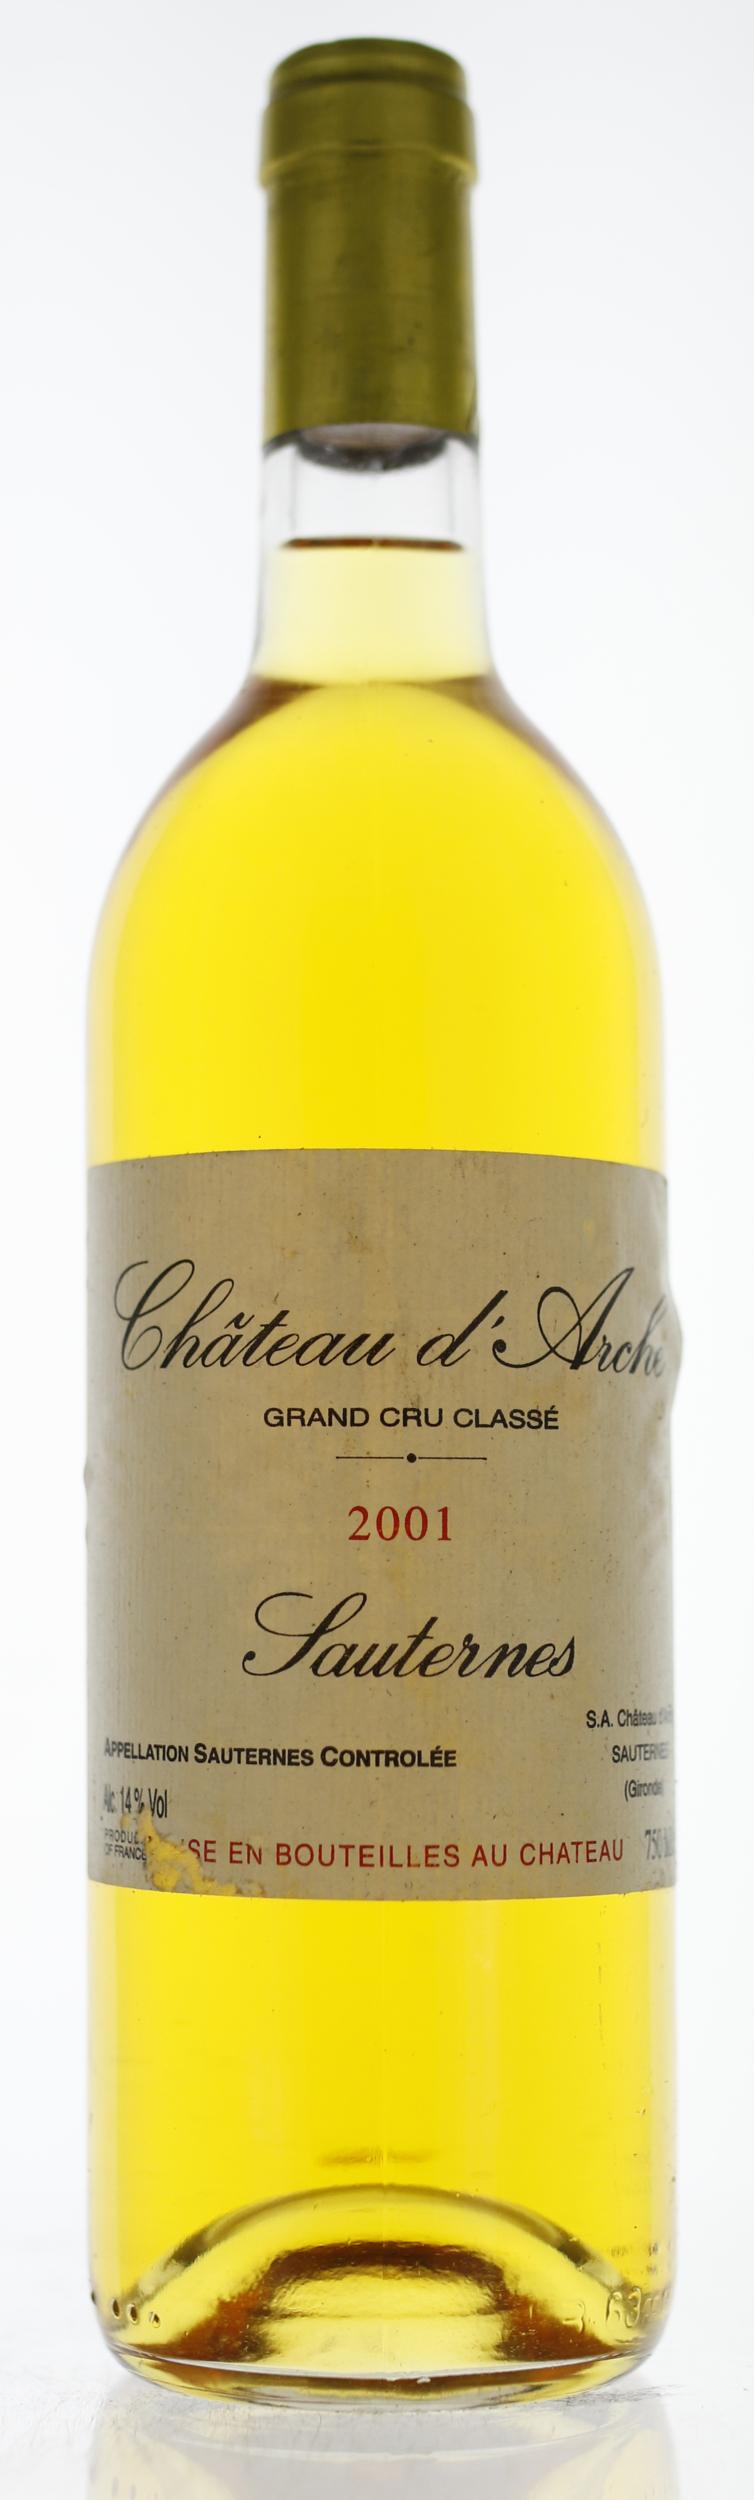 Sauternes - Château d\'Arche - 2001